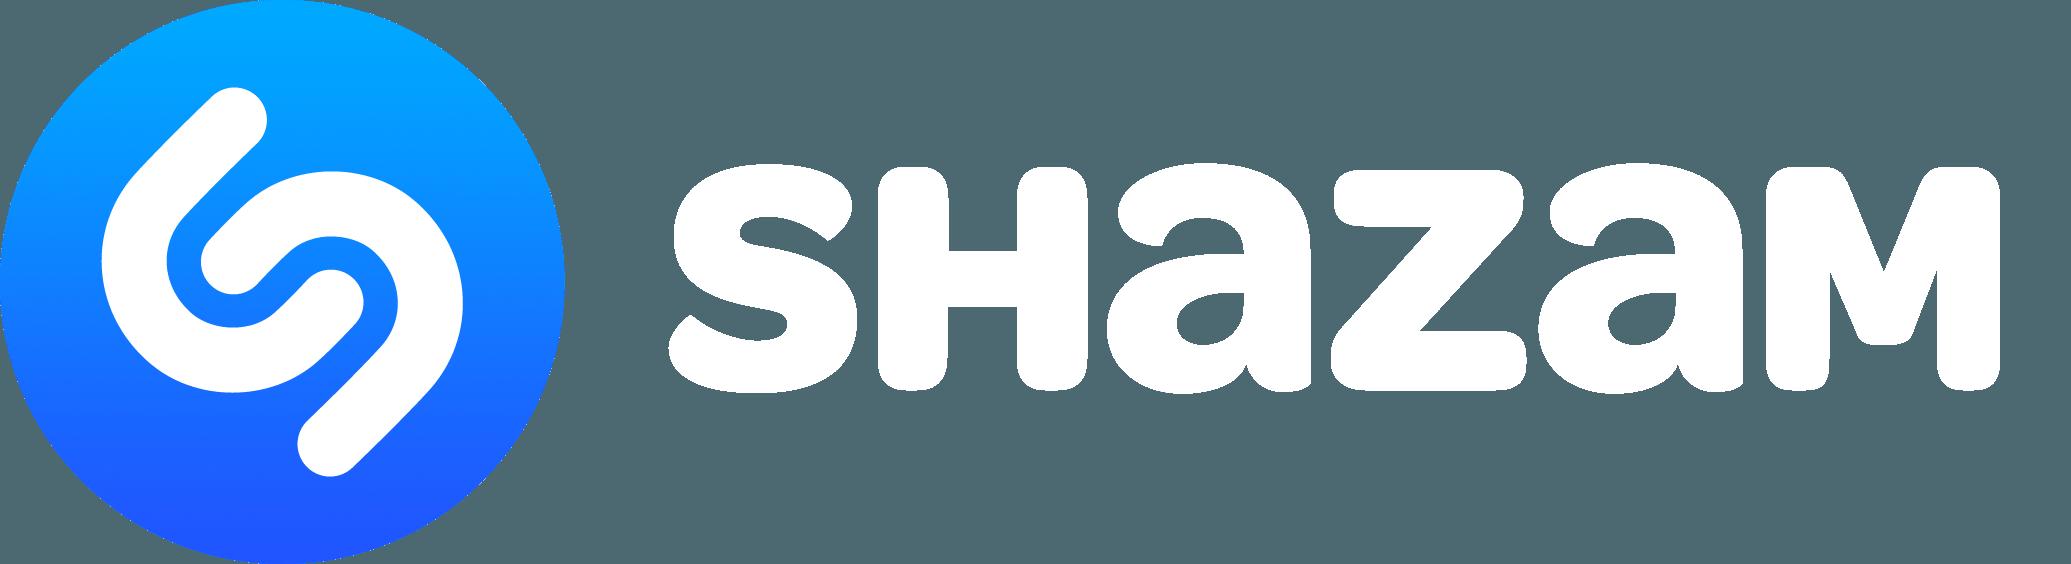 shazam-logo.png